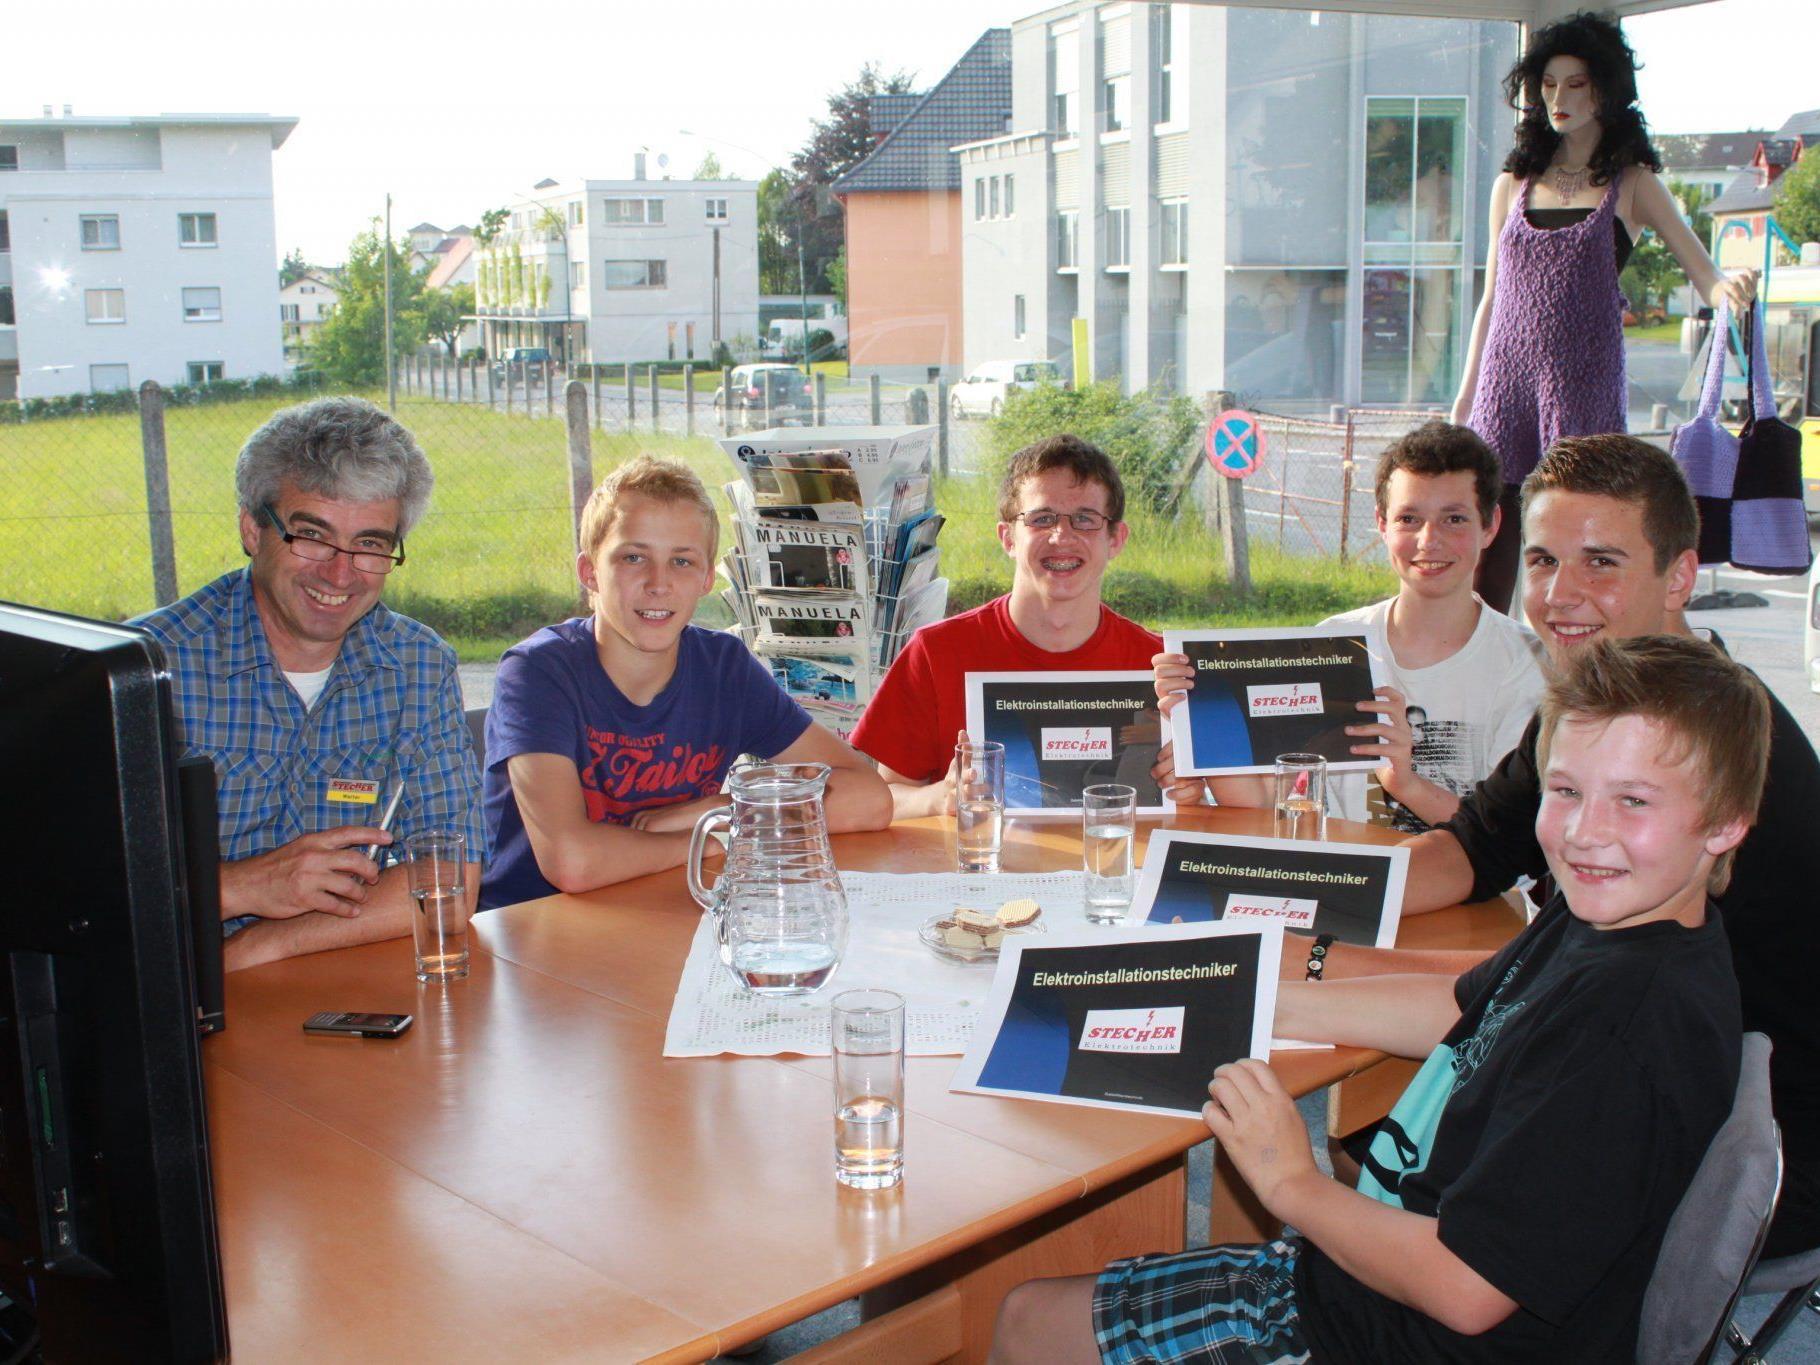 Leiblachtaler Lehrbetriebe öffnen ihre Türen – Ausbildung zum Elektroinstallationstechniker bei der Firma Elektronik Stecher in Lochau.